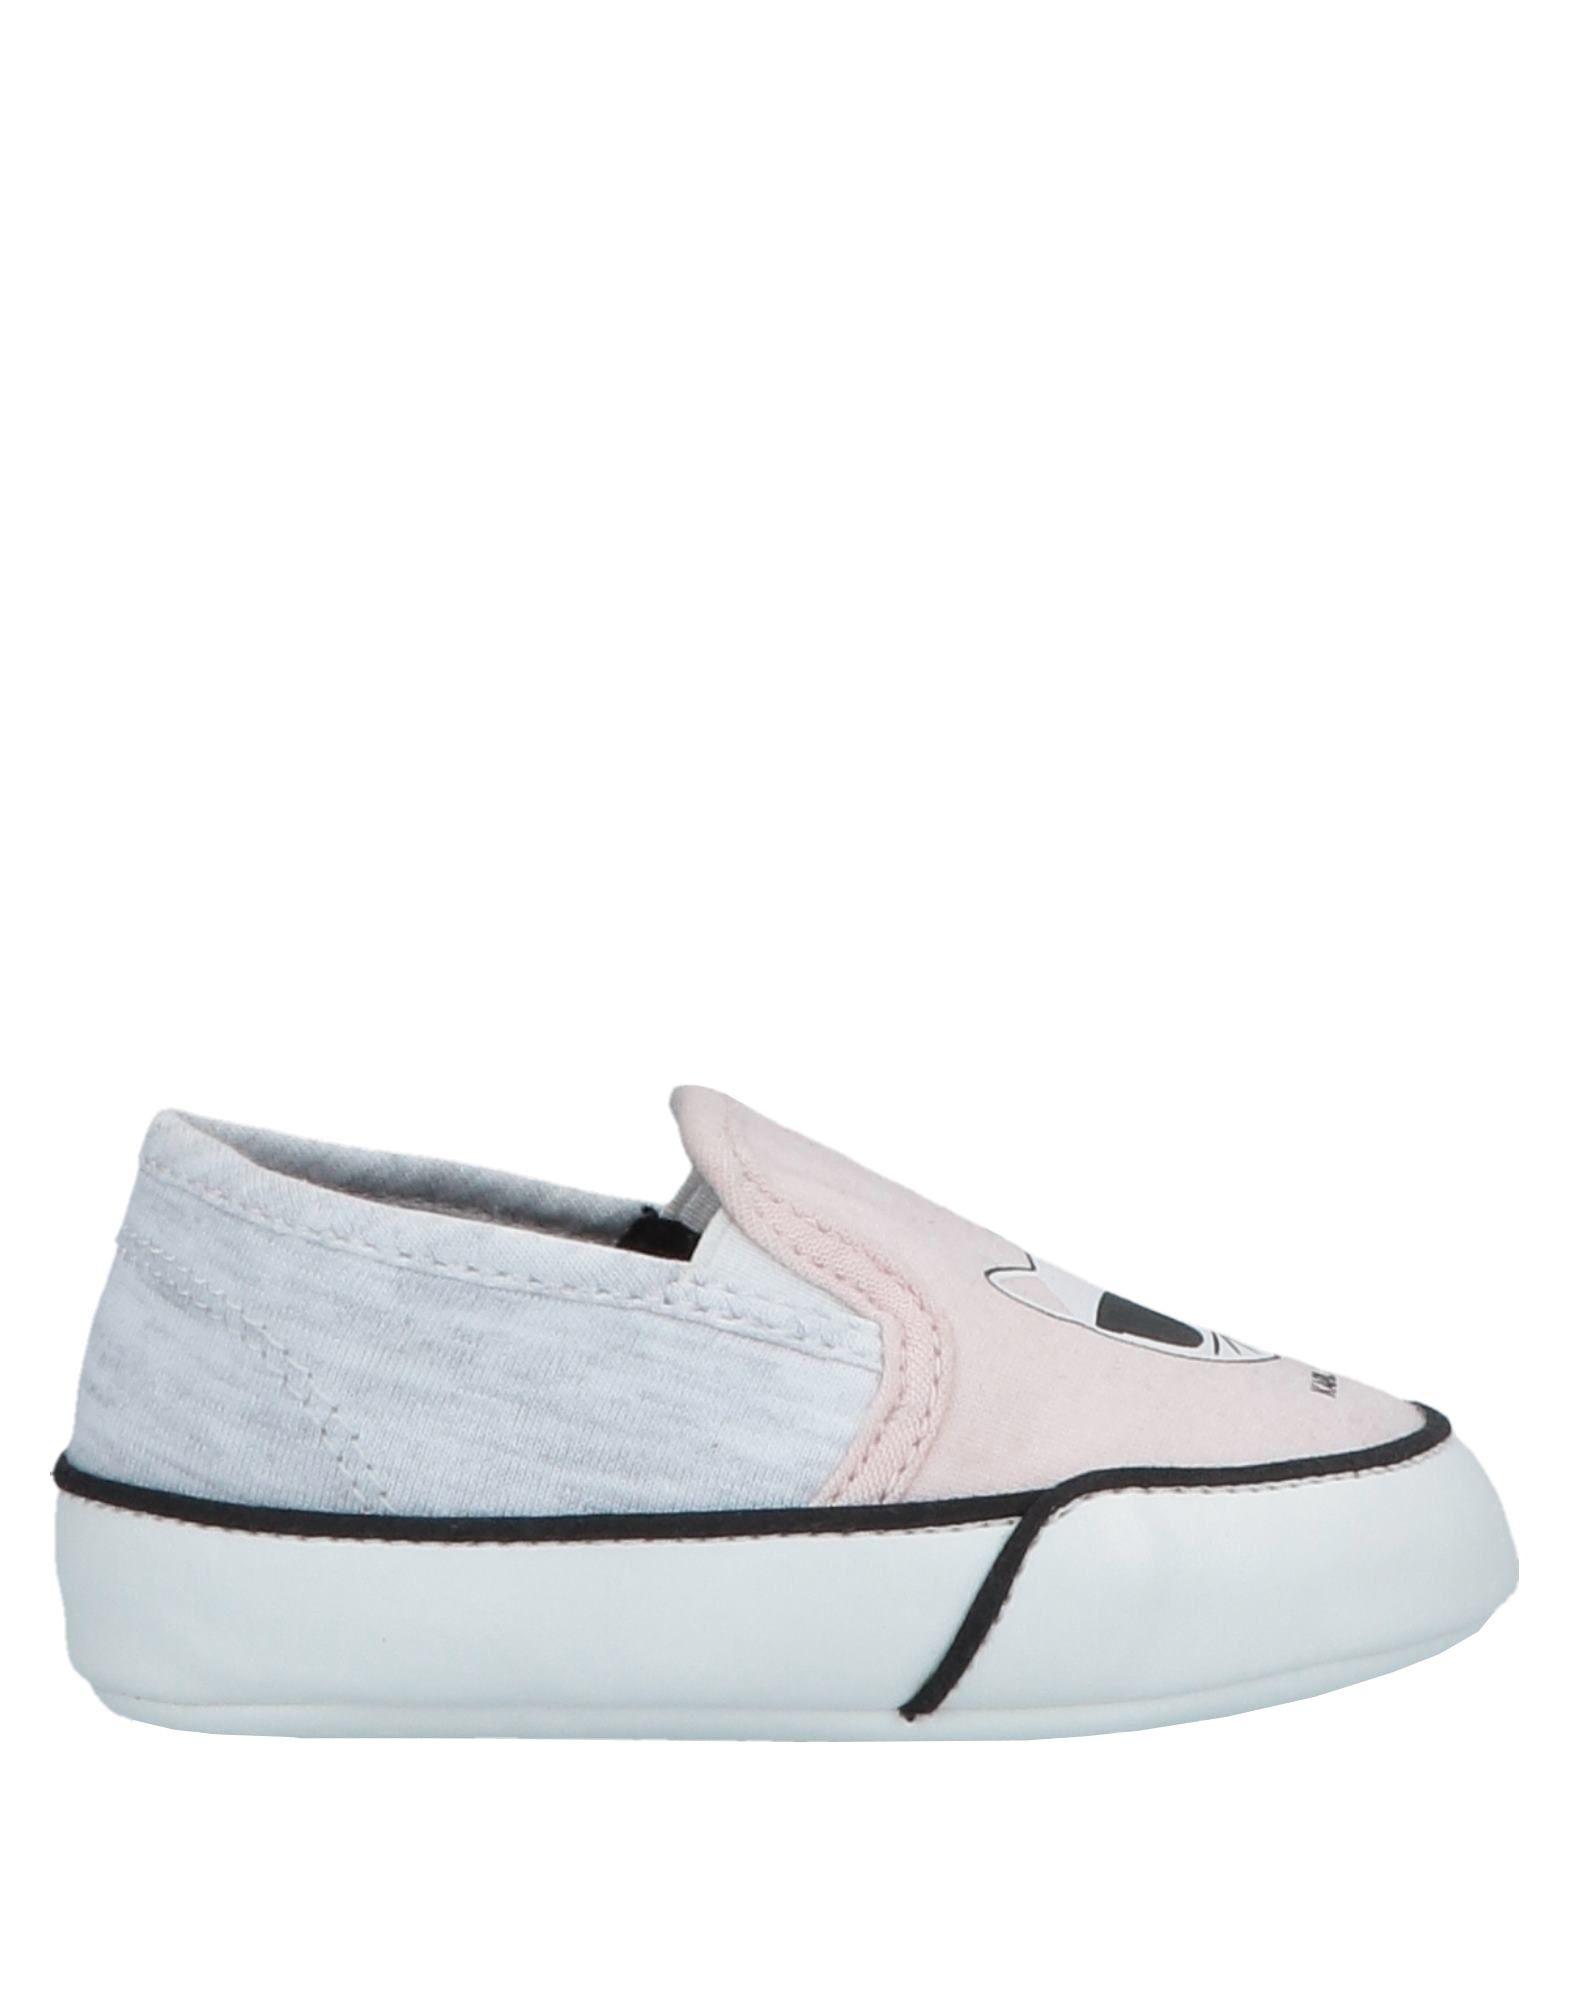 KARL LAGERFELD Обувь для новорожденных